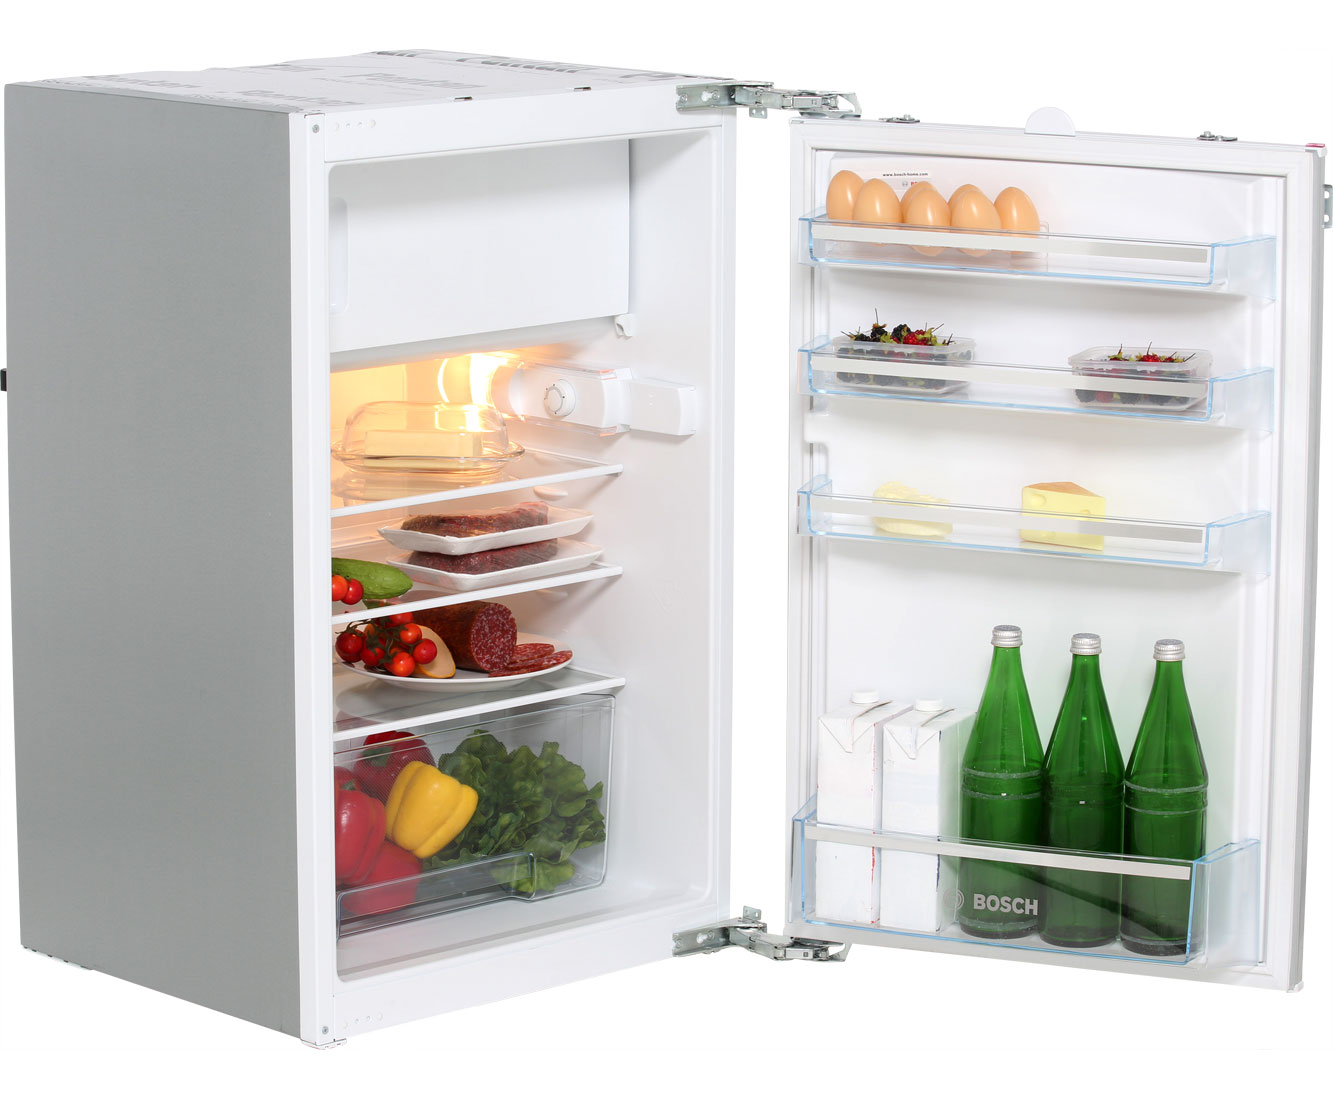 Bosch Kühlschrank Nass : Bosch serie kil v einbau kühlschrank mit gefrierfach er